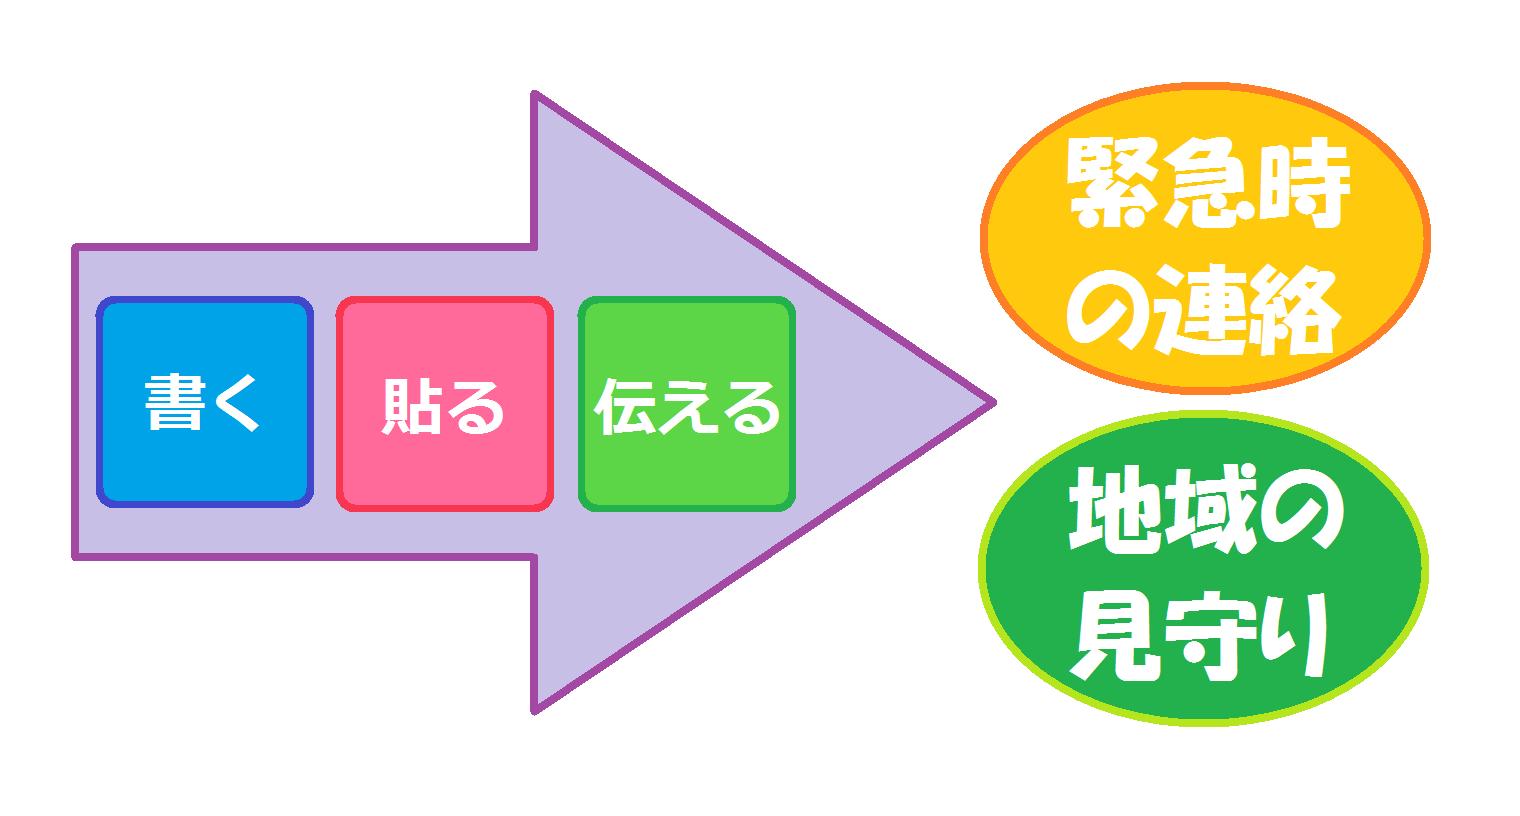 2つのポイント図